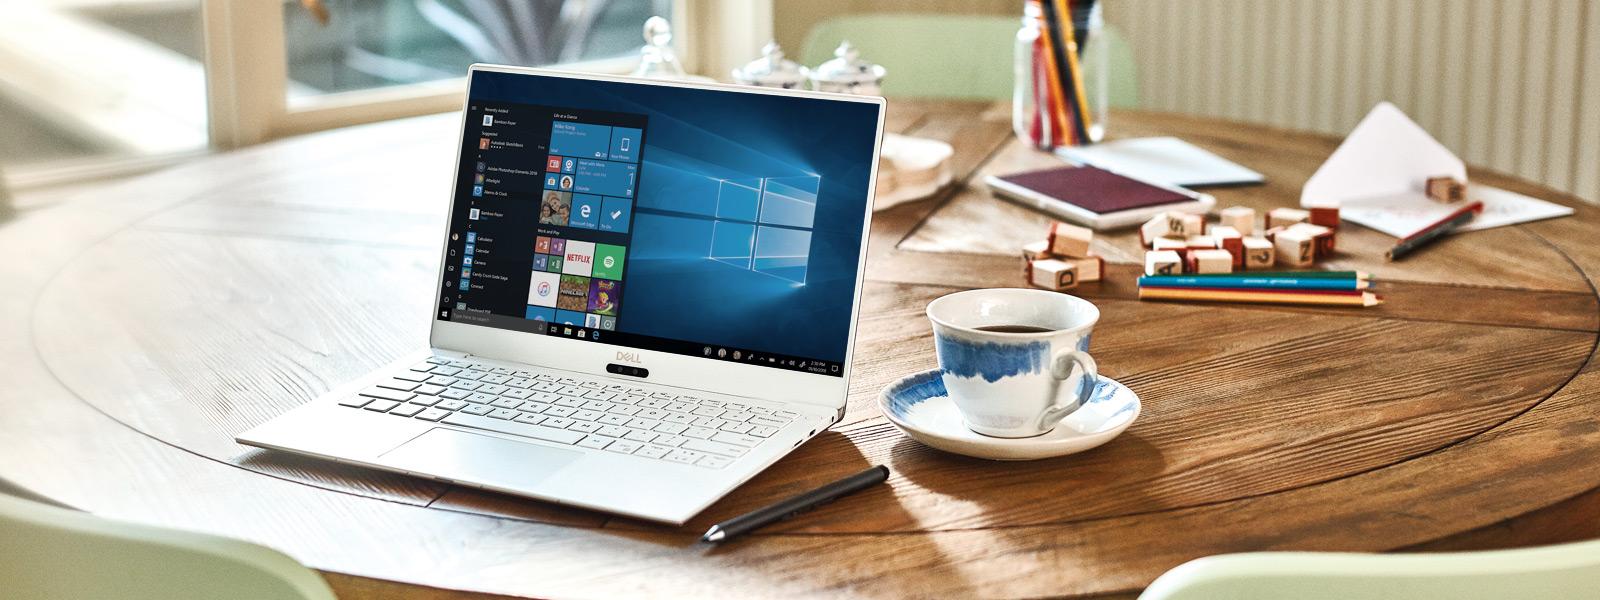 Un equipo Dell XPS 13 9370 abierto sobre una mesa con la pantalla de inicio de Windows 10.